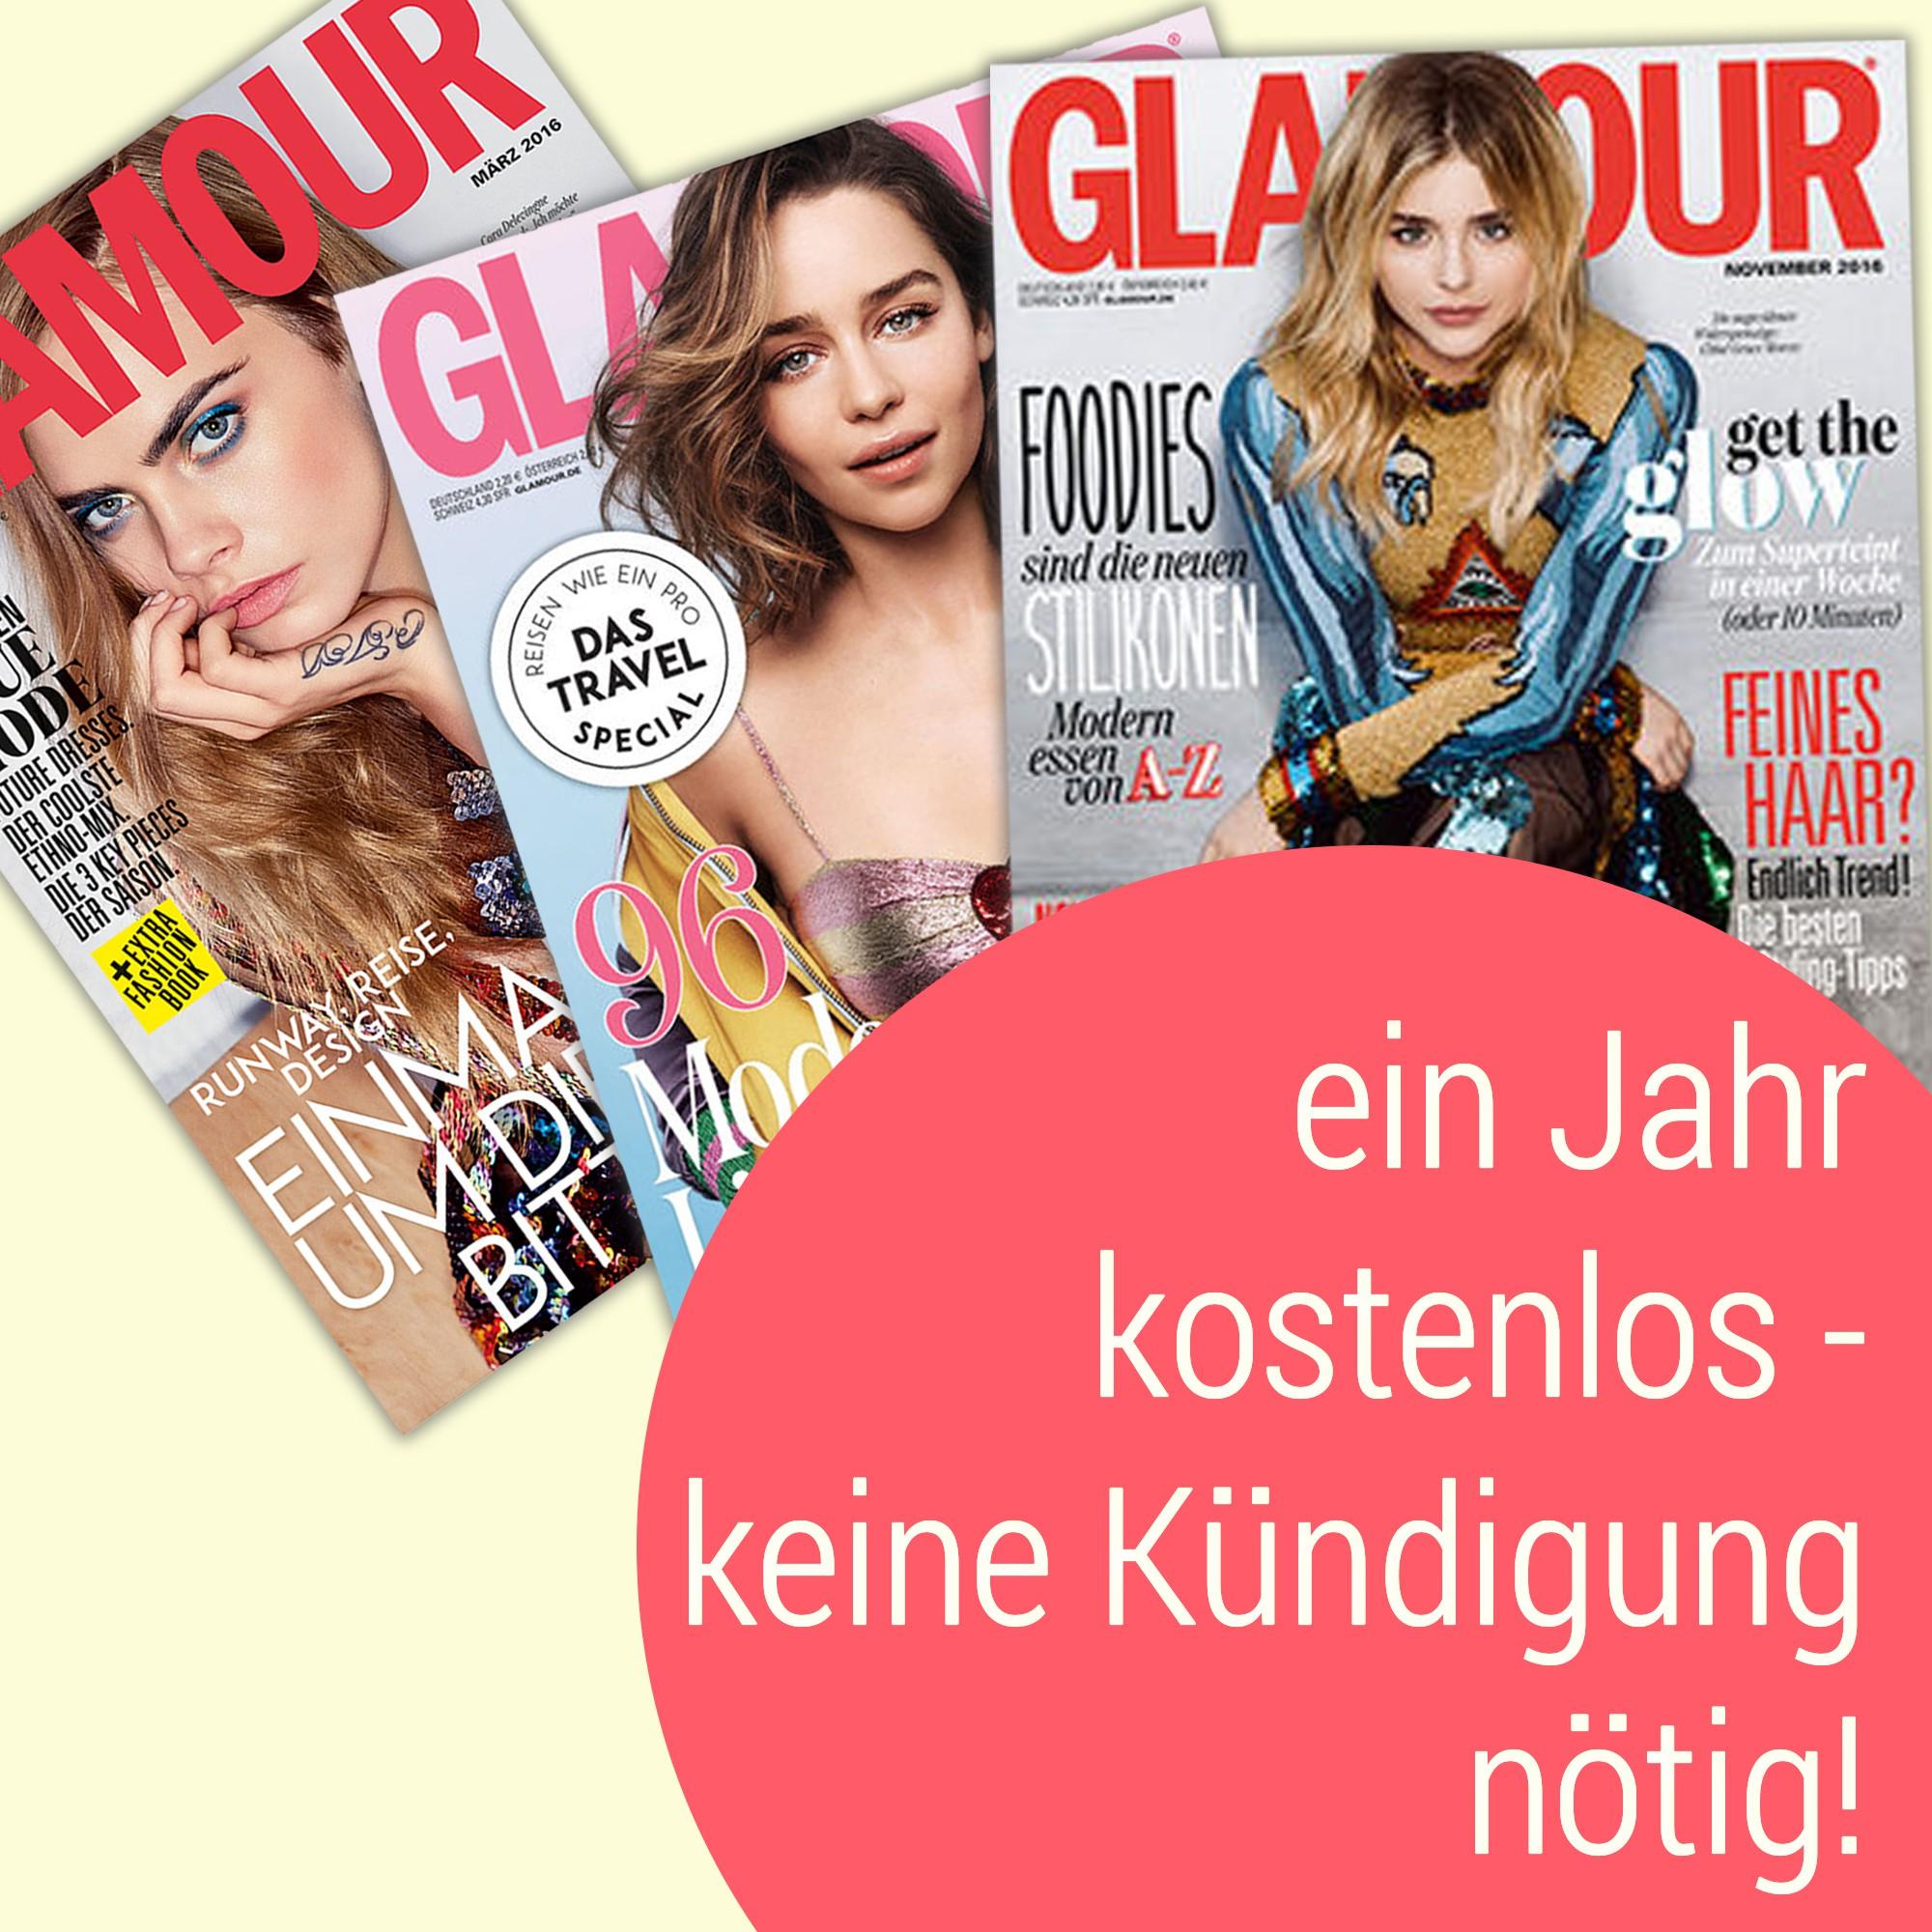 [BAGS&BRANDS] Gratis Glamour ABO (12 Monate) zu jeder Bestellung, somit für 1,71€ - keine Kündigung nötig!